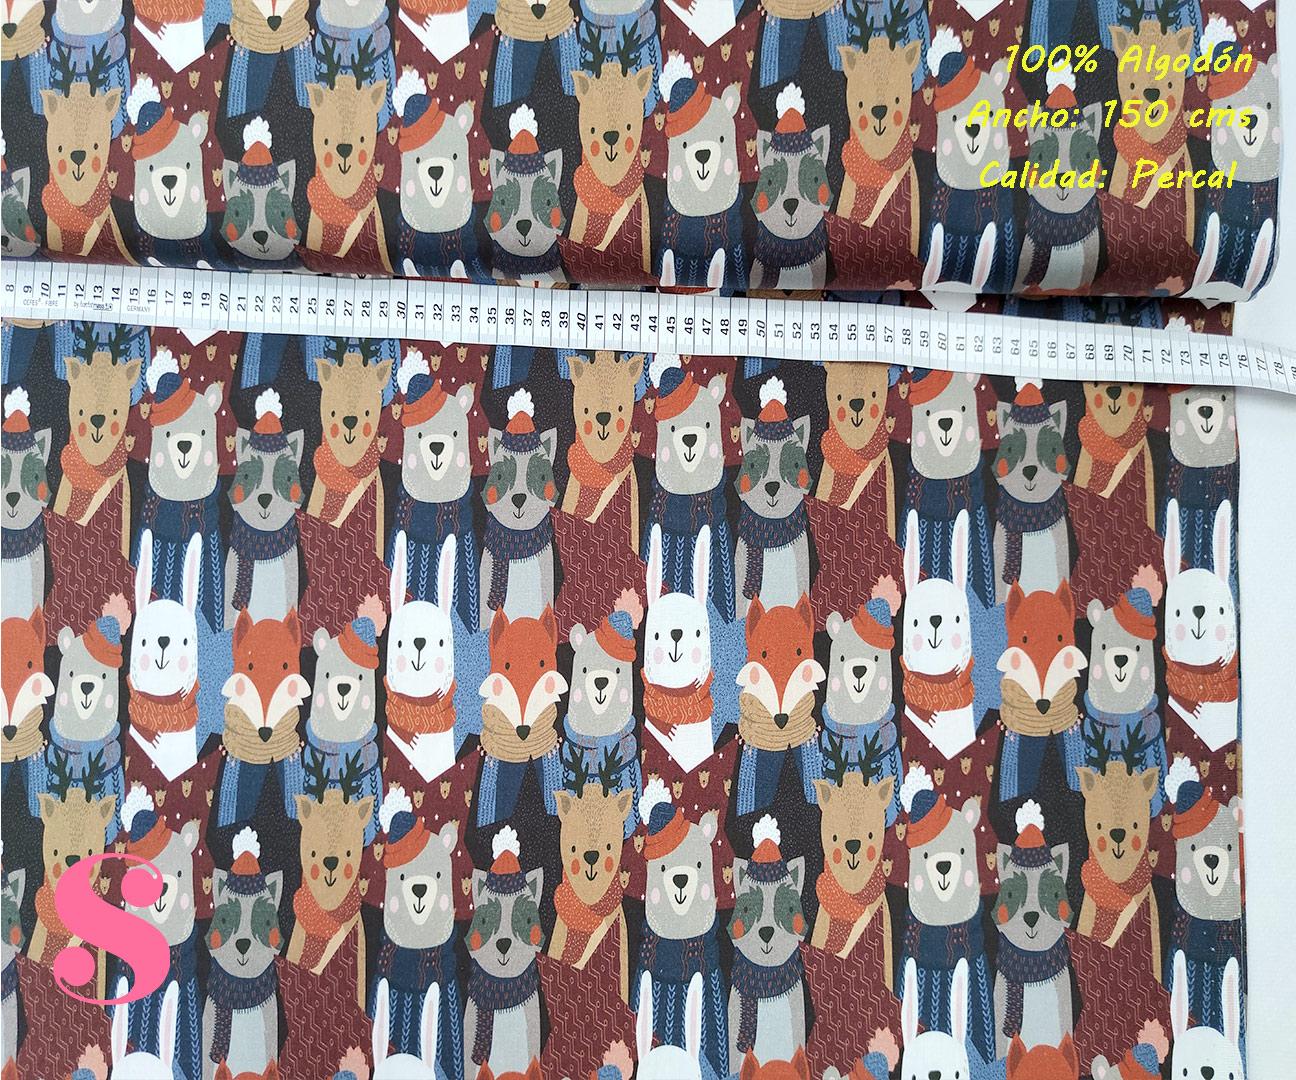 N1-animales-bosque-otoño-frio-friki--tejidos-algodón-estampado-percal,Tejido Estampado Animales del Bosque Winter